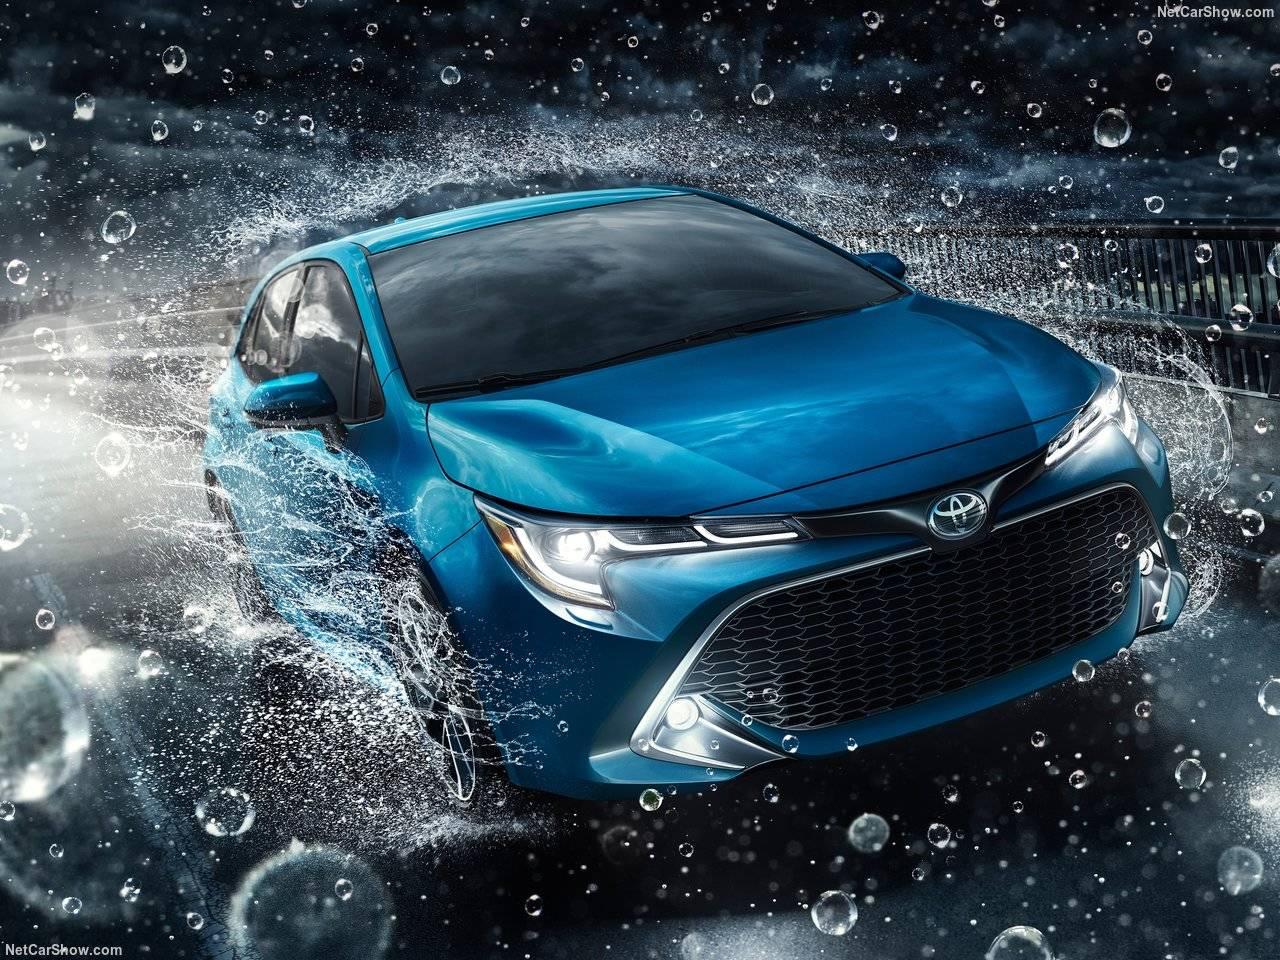 トヨタがカローラスポーツを発表!デザイン、パワートレーン等はいかに!?オーリスとの違いは?